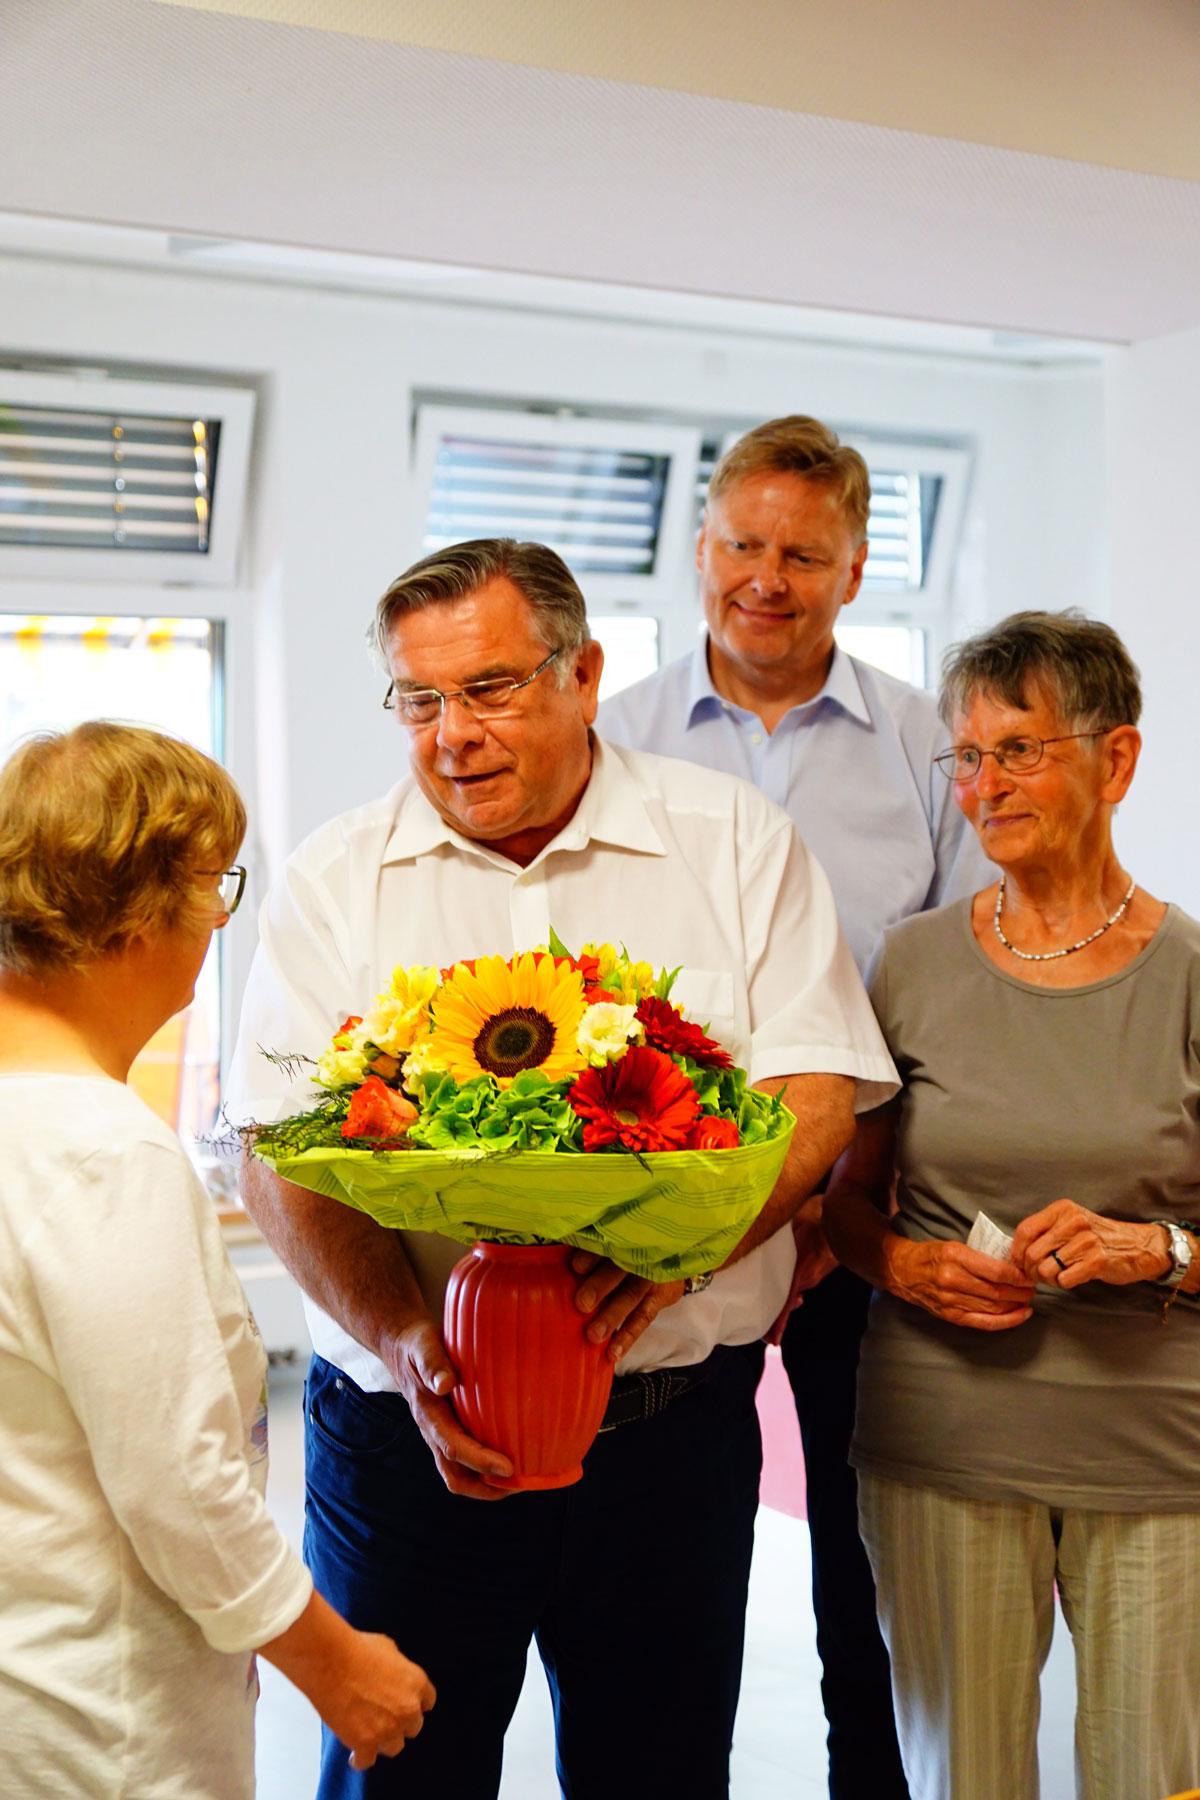 Im Namen der Lebenshilfe zollte Vorsitzender Gerhard John gegenüber Doris Heinritz und Warja Dold, die das Theaterprojekt der Lebenshilfe verantworten und Sonja Hoffmann als Darstellerin bei Proben und Auftritten vorbereitet und begleitet hatten, ein herz